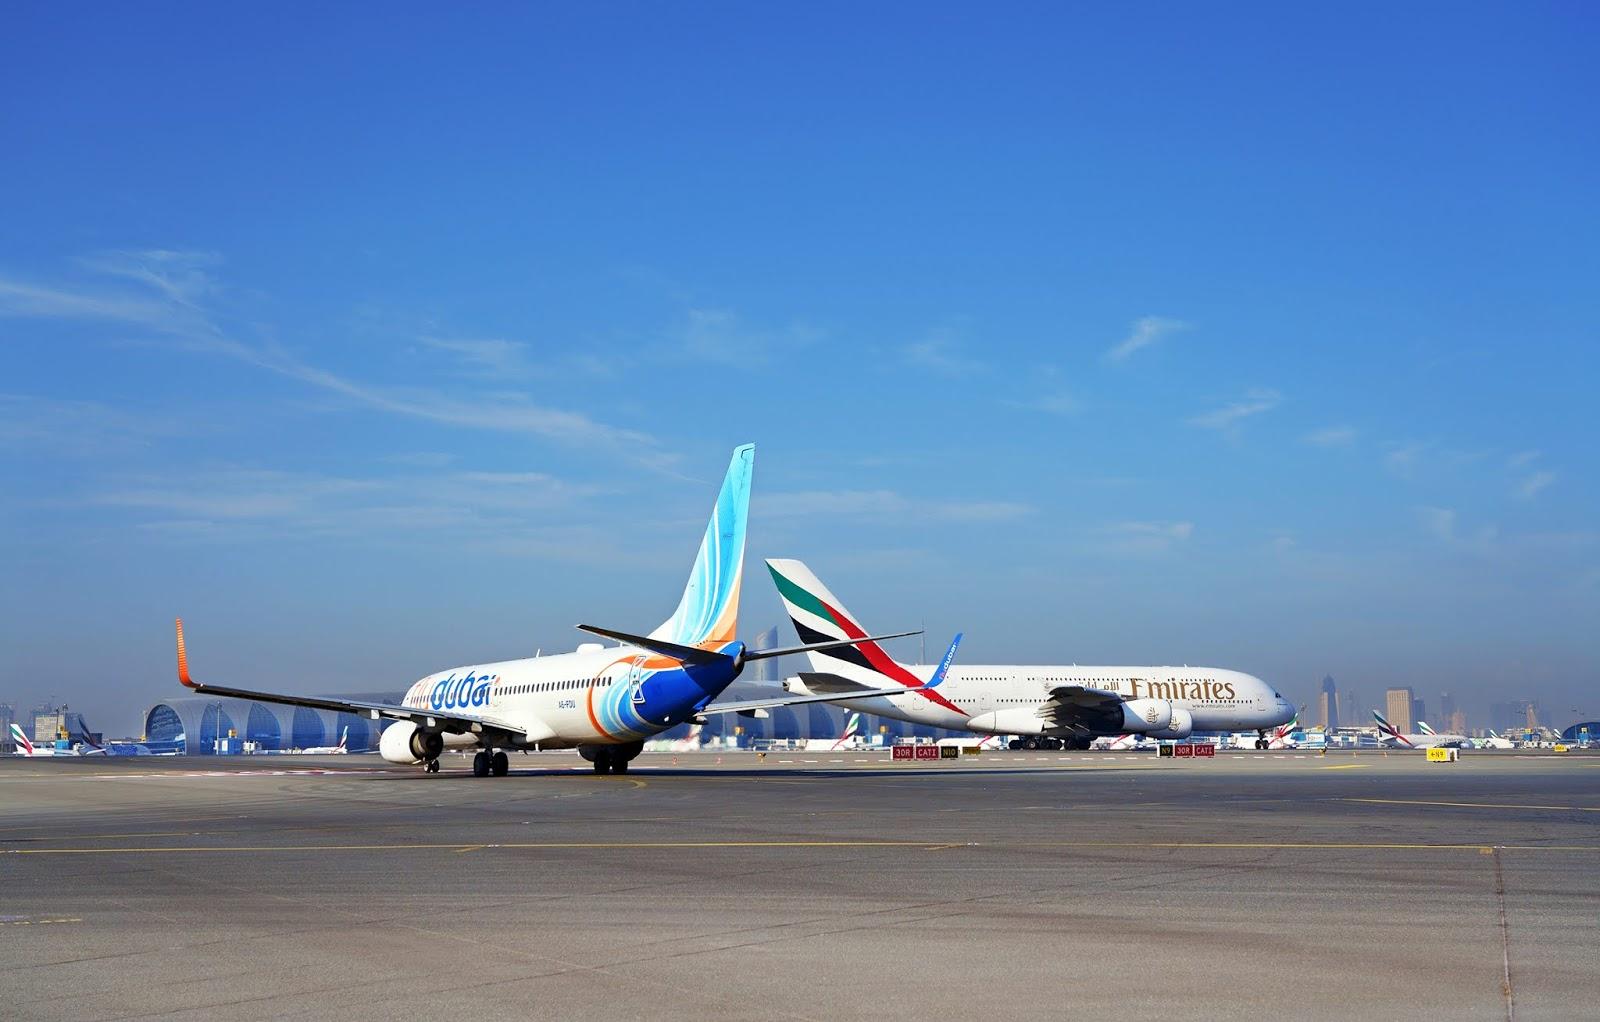 Emirates e FlyDubai comemoram terceiro ano de parceria estratégica | É MAIS QUE VOAR